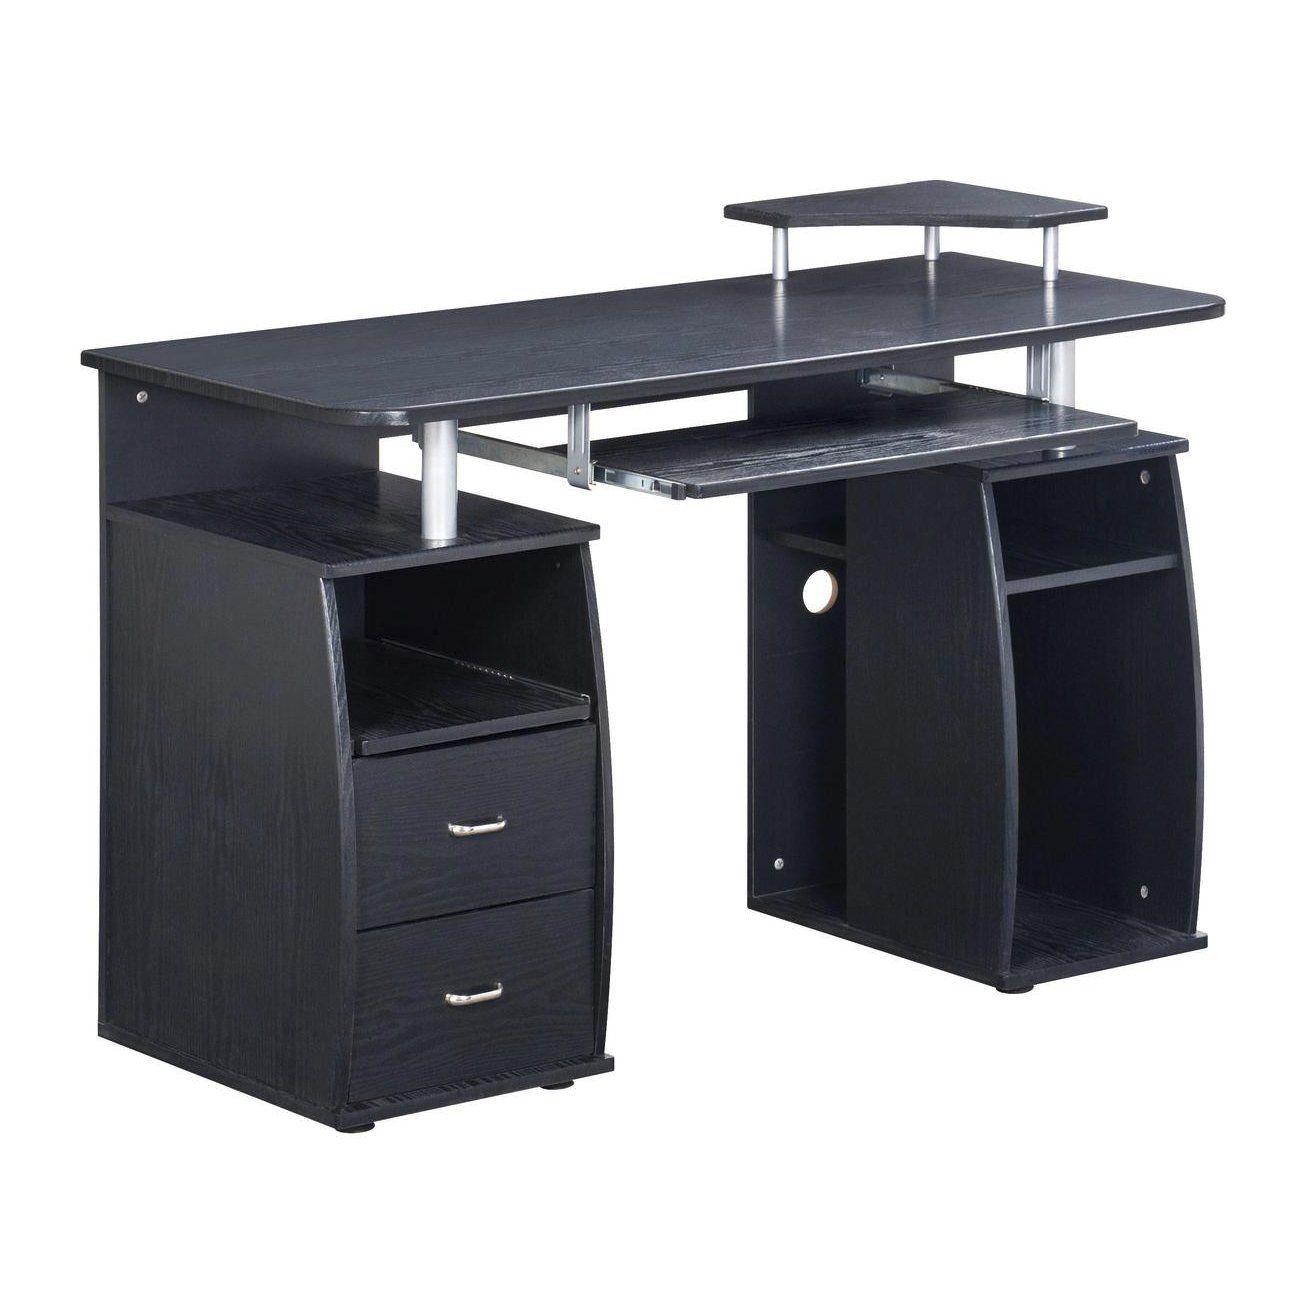 TECHNI MOBILI Complete Computer Workstation Desk With Storage - Espresso